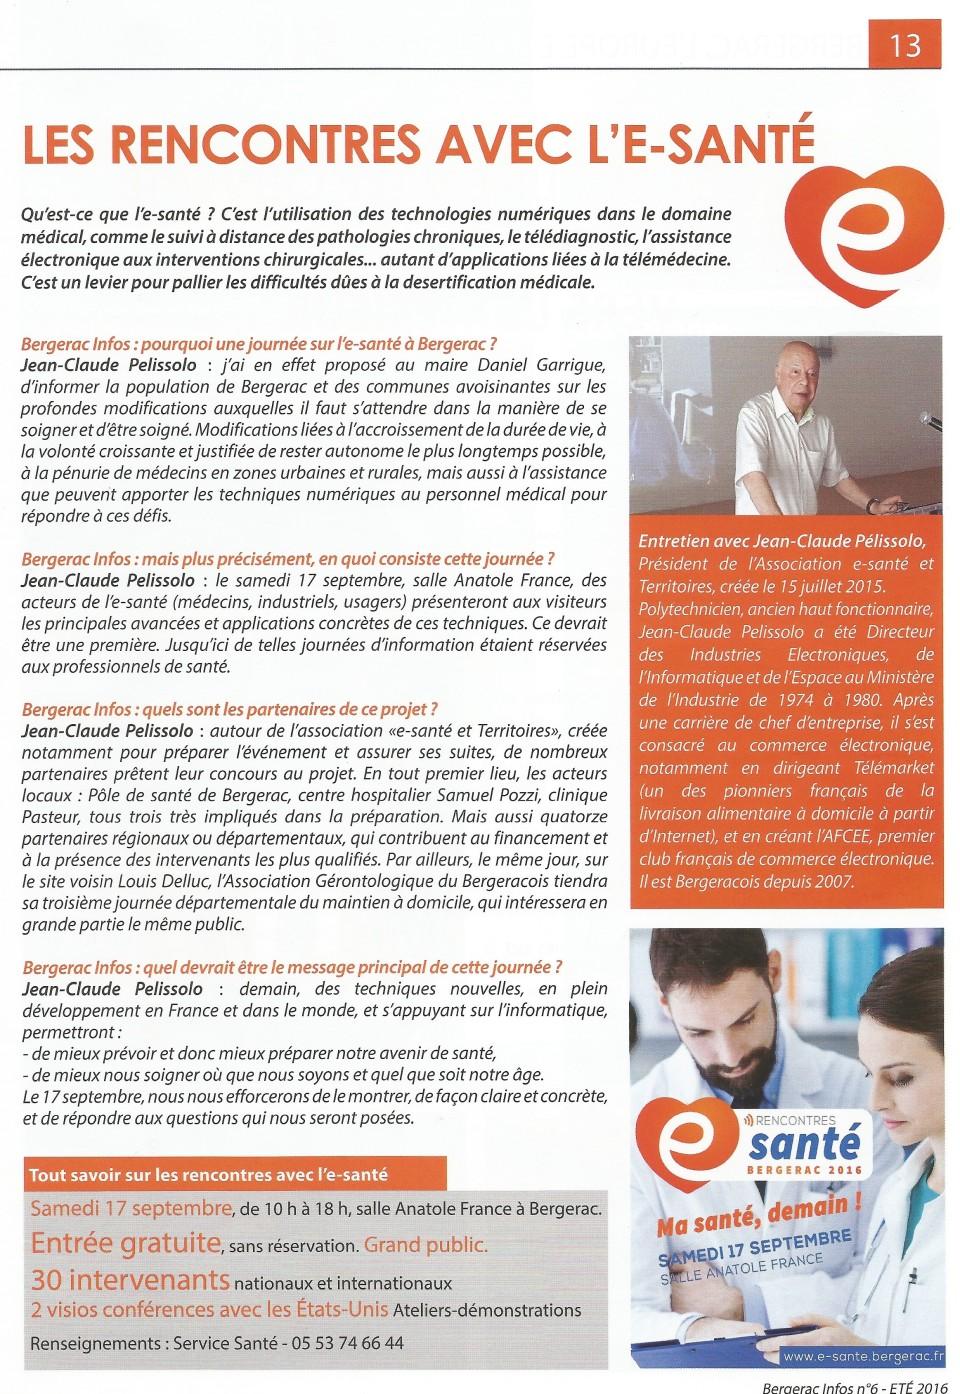 E-santé Bergerac